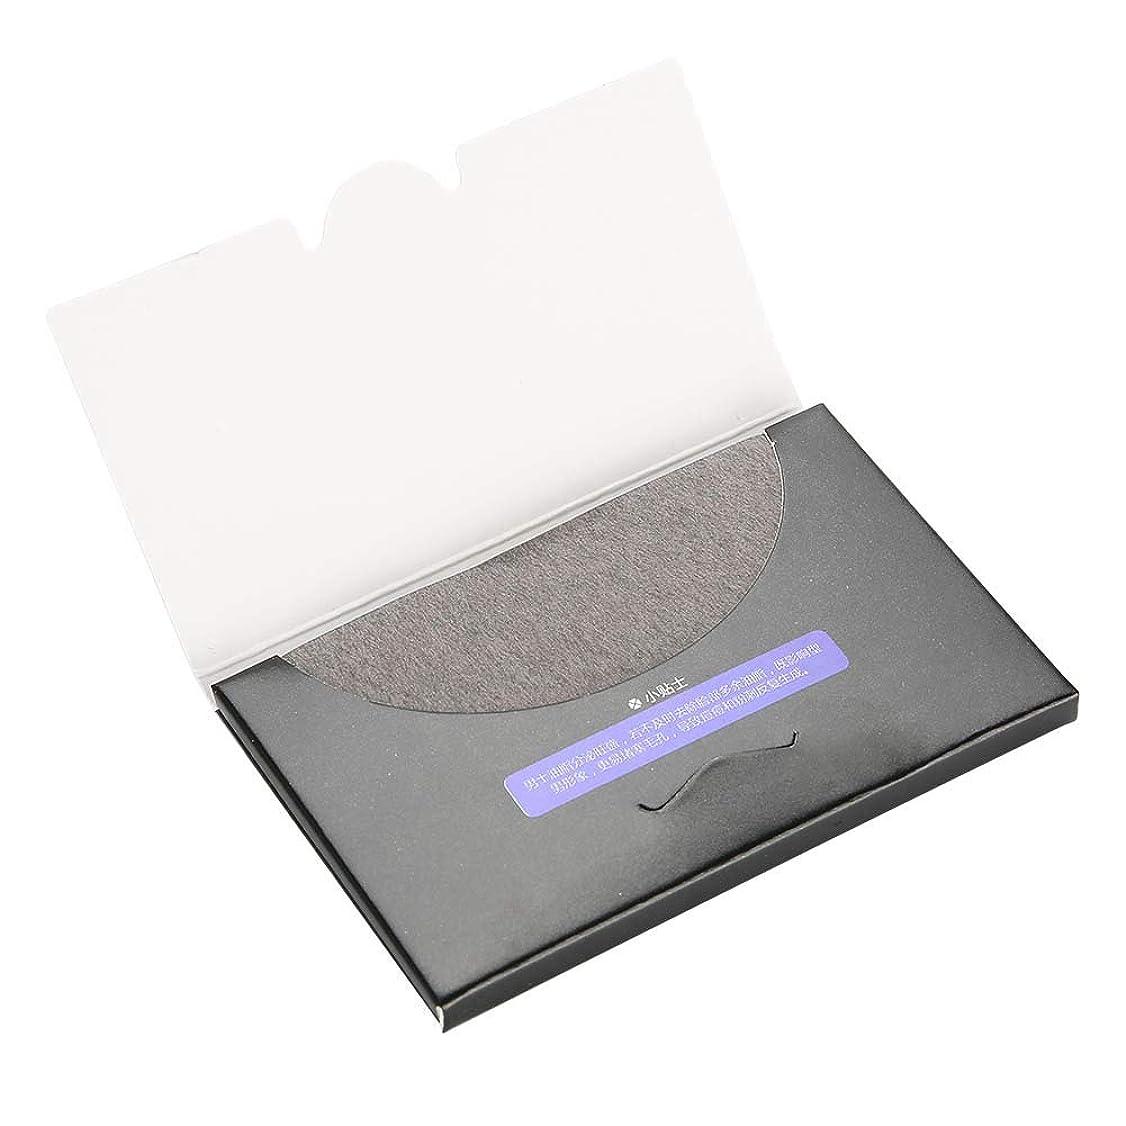 を除くみなすエミュレートする80枚/袋吸油布 - 化粧フィルムのクリーニング、吸い取り紙の消去 - きれいな吸い取り紙